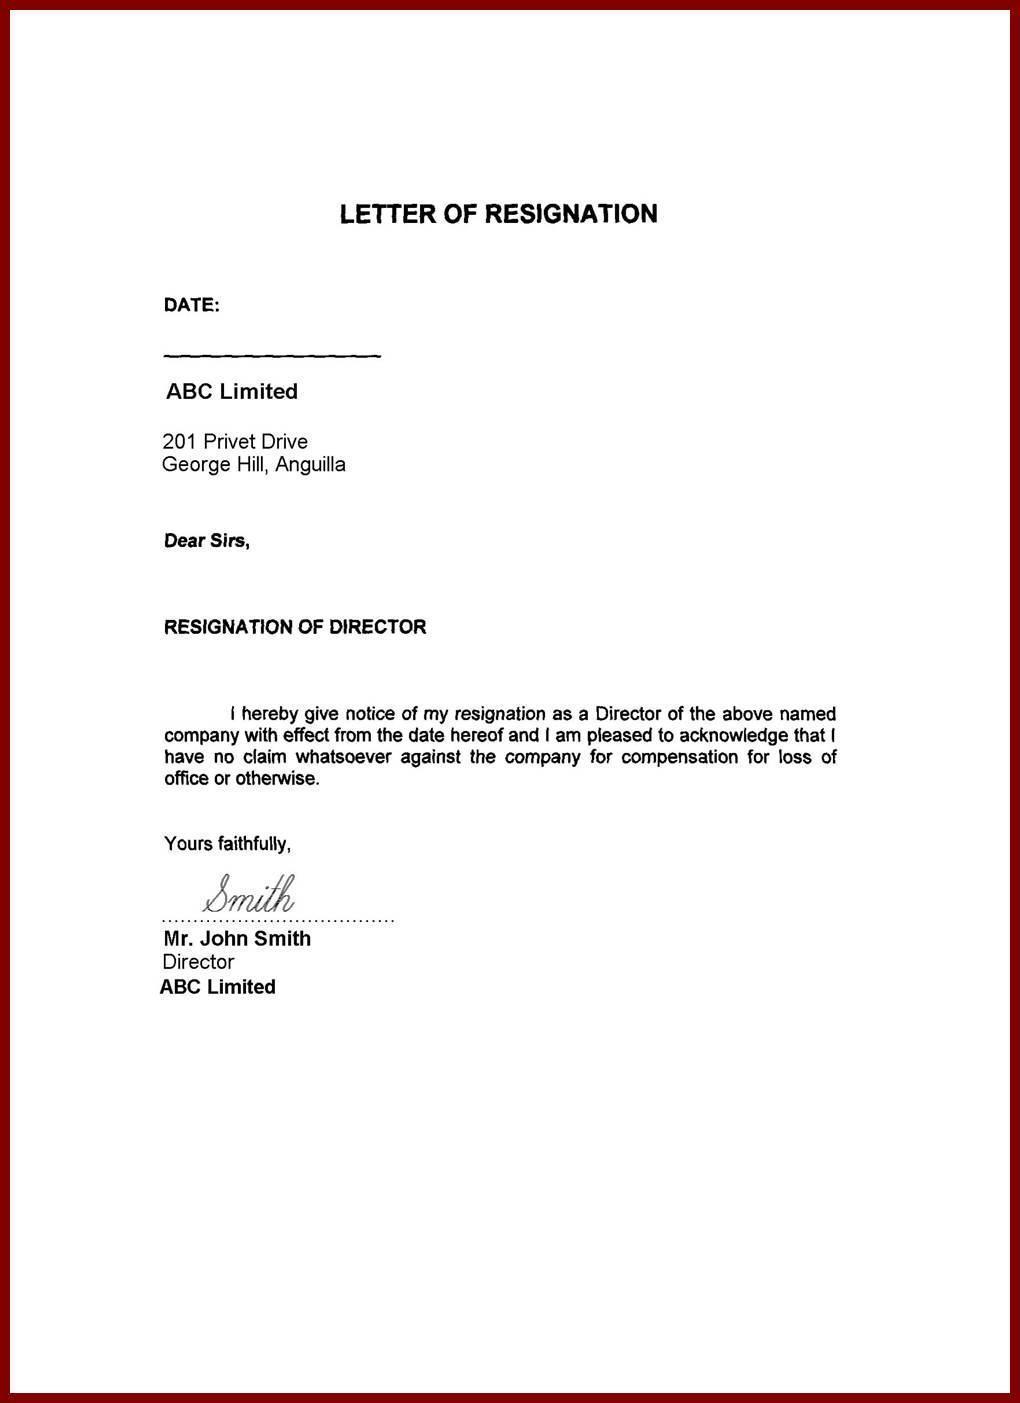 Resignation Letter Samples für Android - APK herunterladen